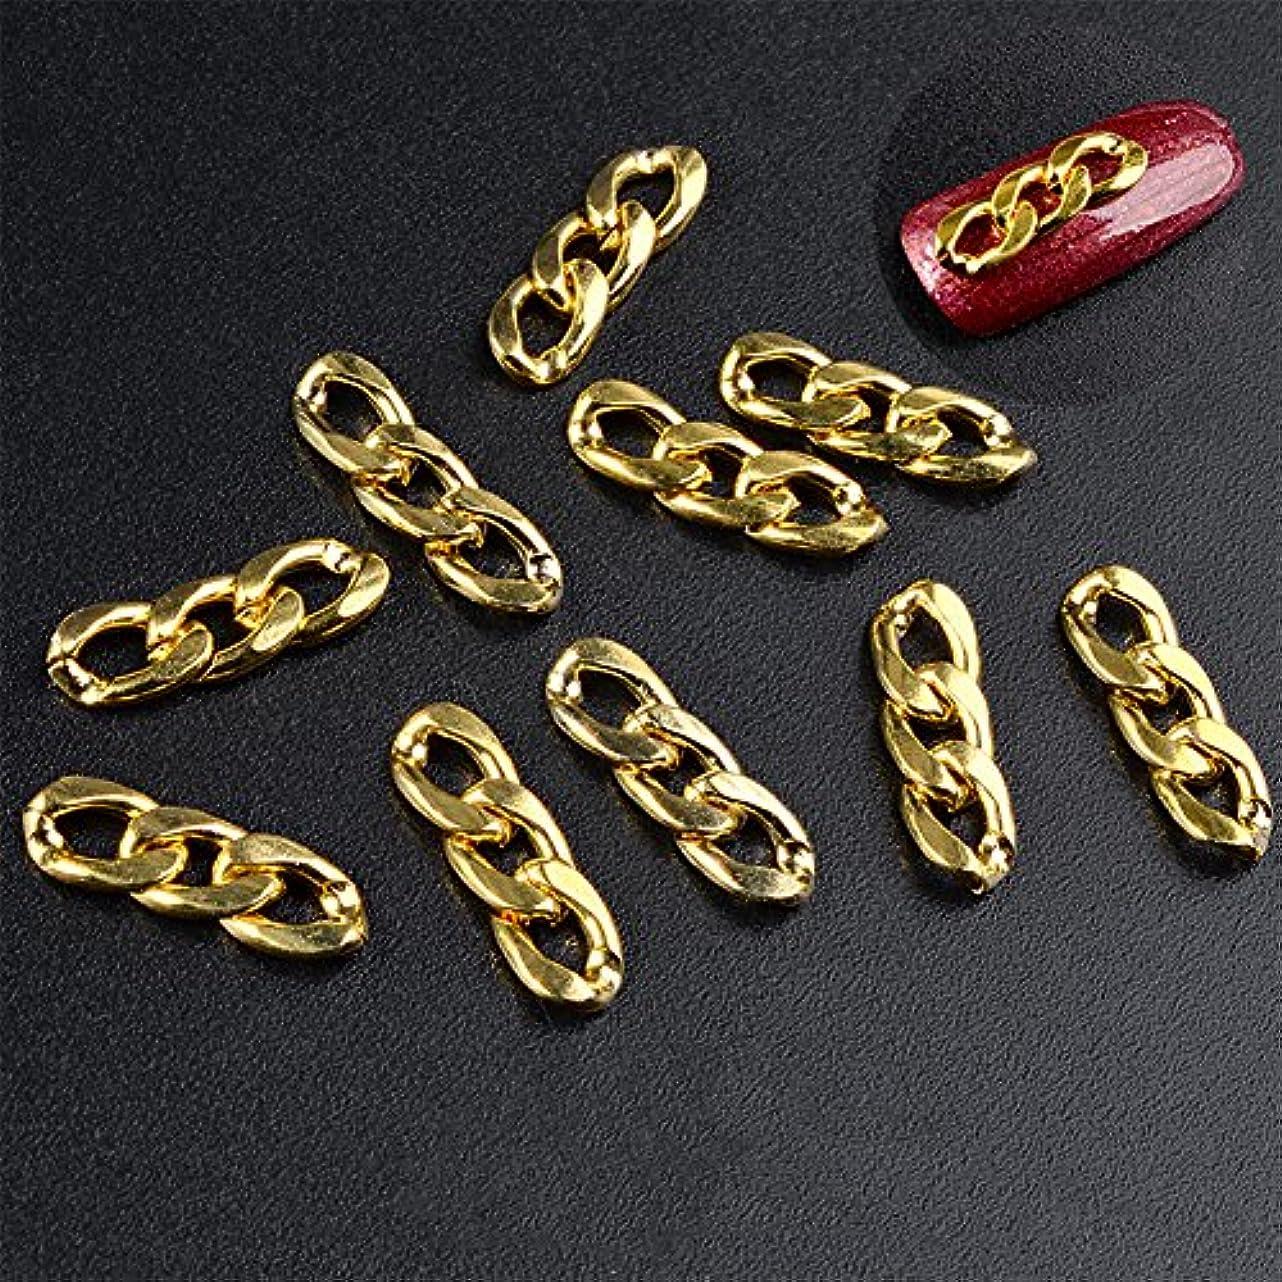 気取らないマークダウン騒々しいACHICOO ネイルアートチェーン 10PCS シャイニー 装飾 マニキュア供給 メイクアップ ゴールド